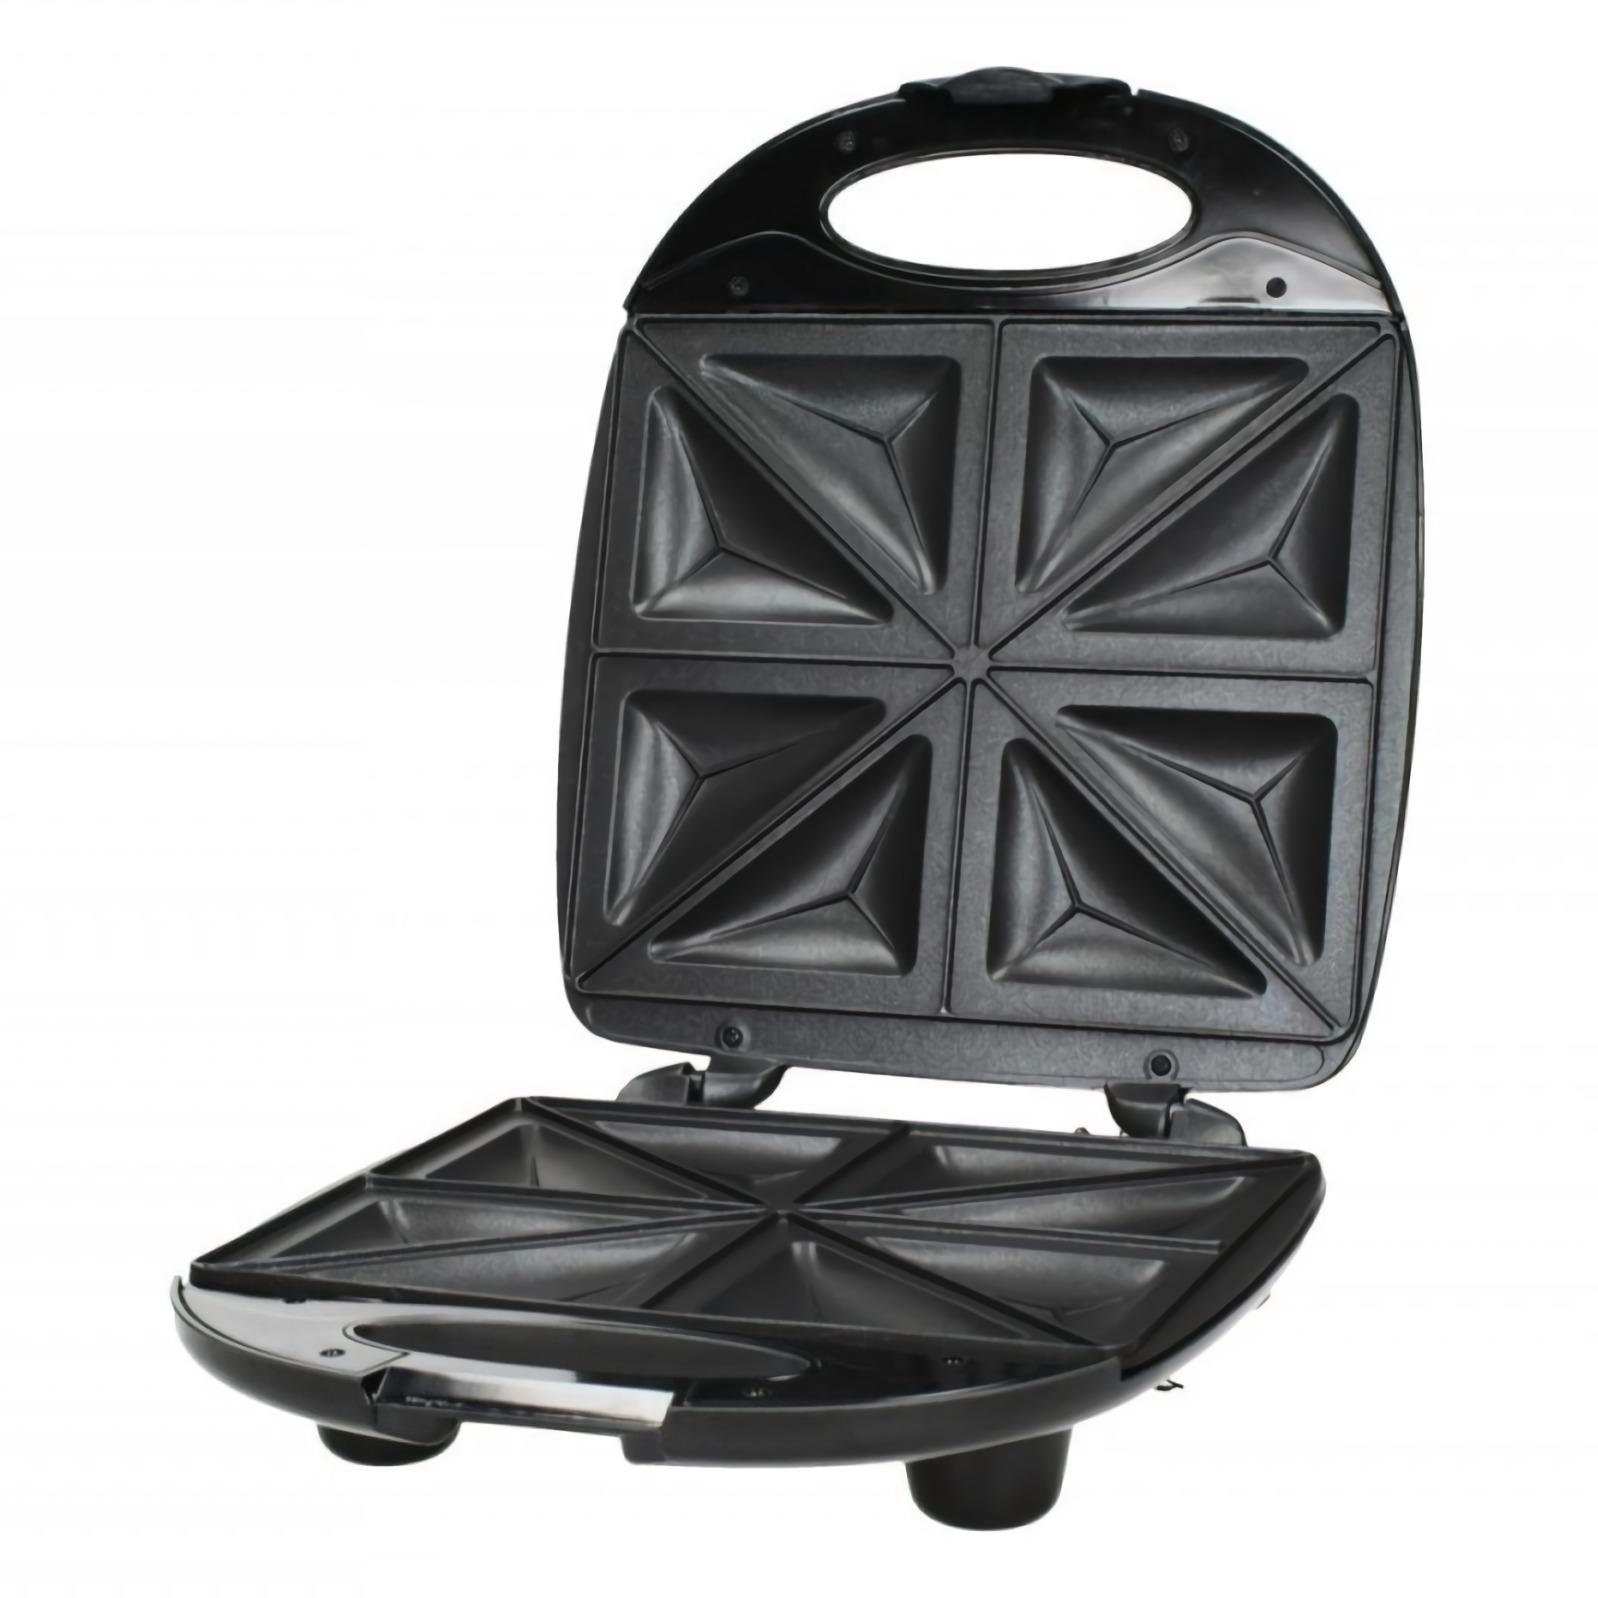 MPM MOP-05M Sandwichera eléctrica para 4 sandwiches, placas antiadherentes en forma de triángulo, acabado en Acero Inoxidable, 1200W